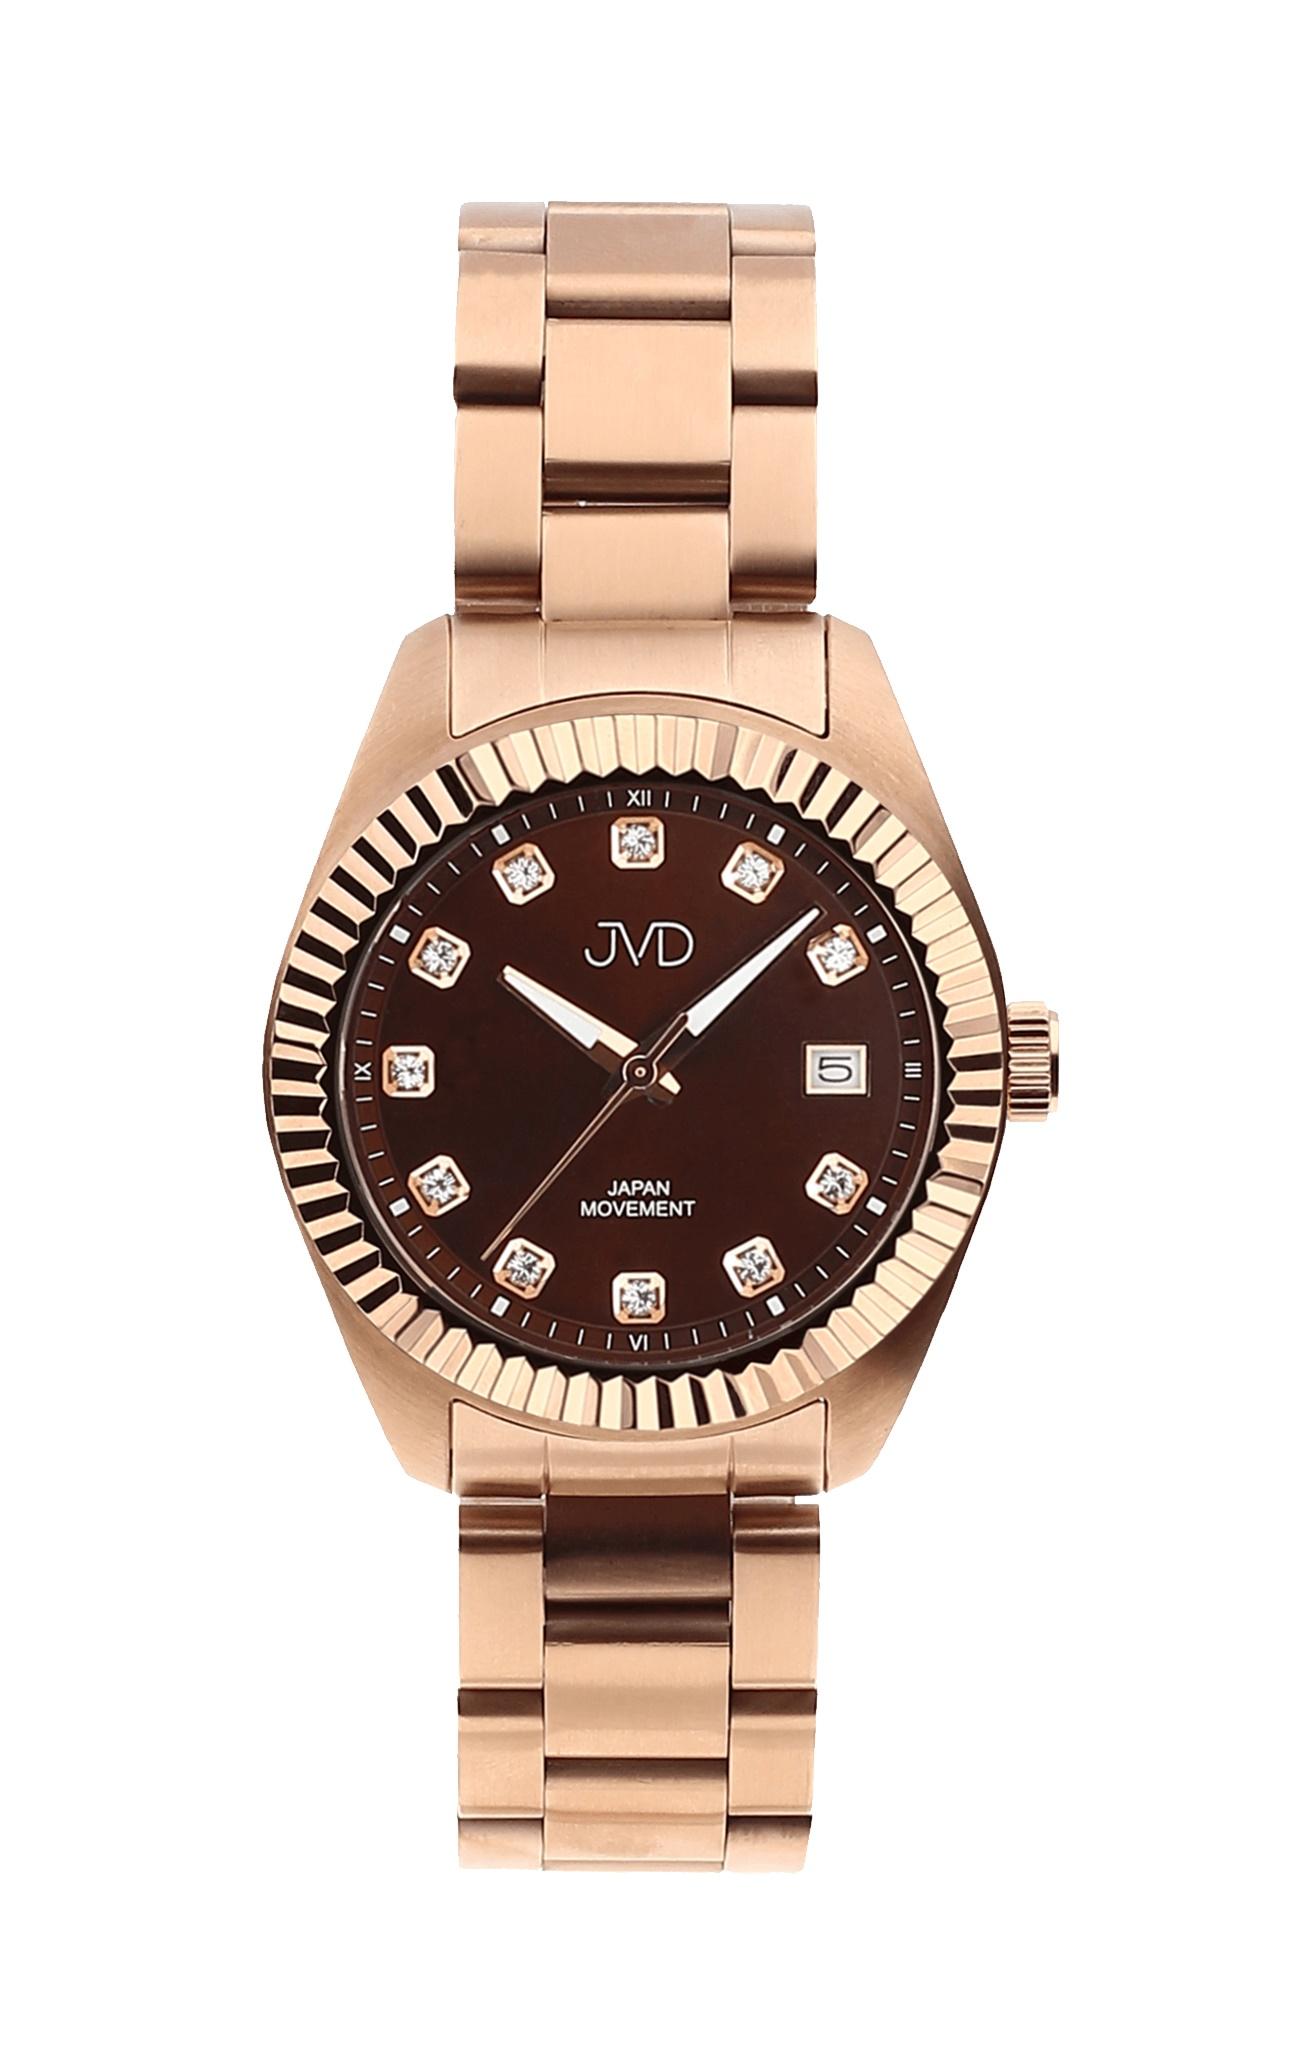 Dámské ocelové moderní náramkové hodinky JVD JC579.3 (5ATM - voděodolnost)